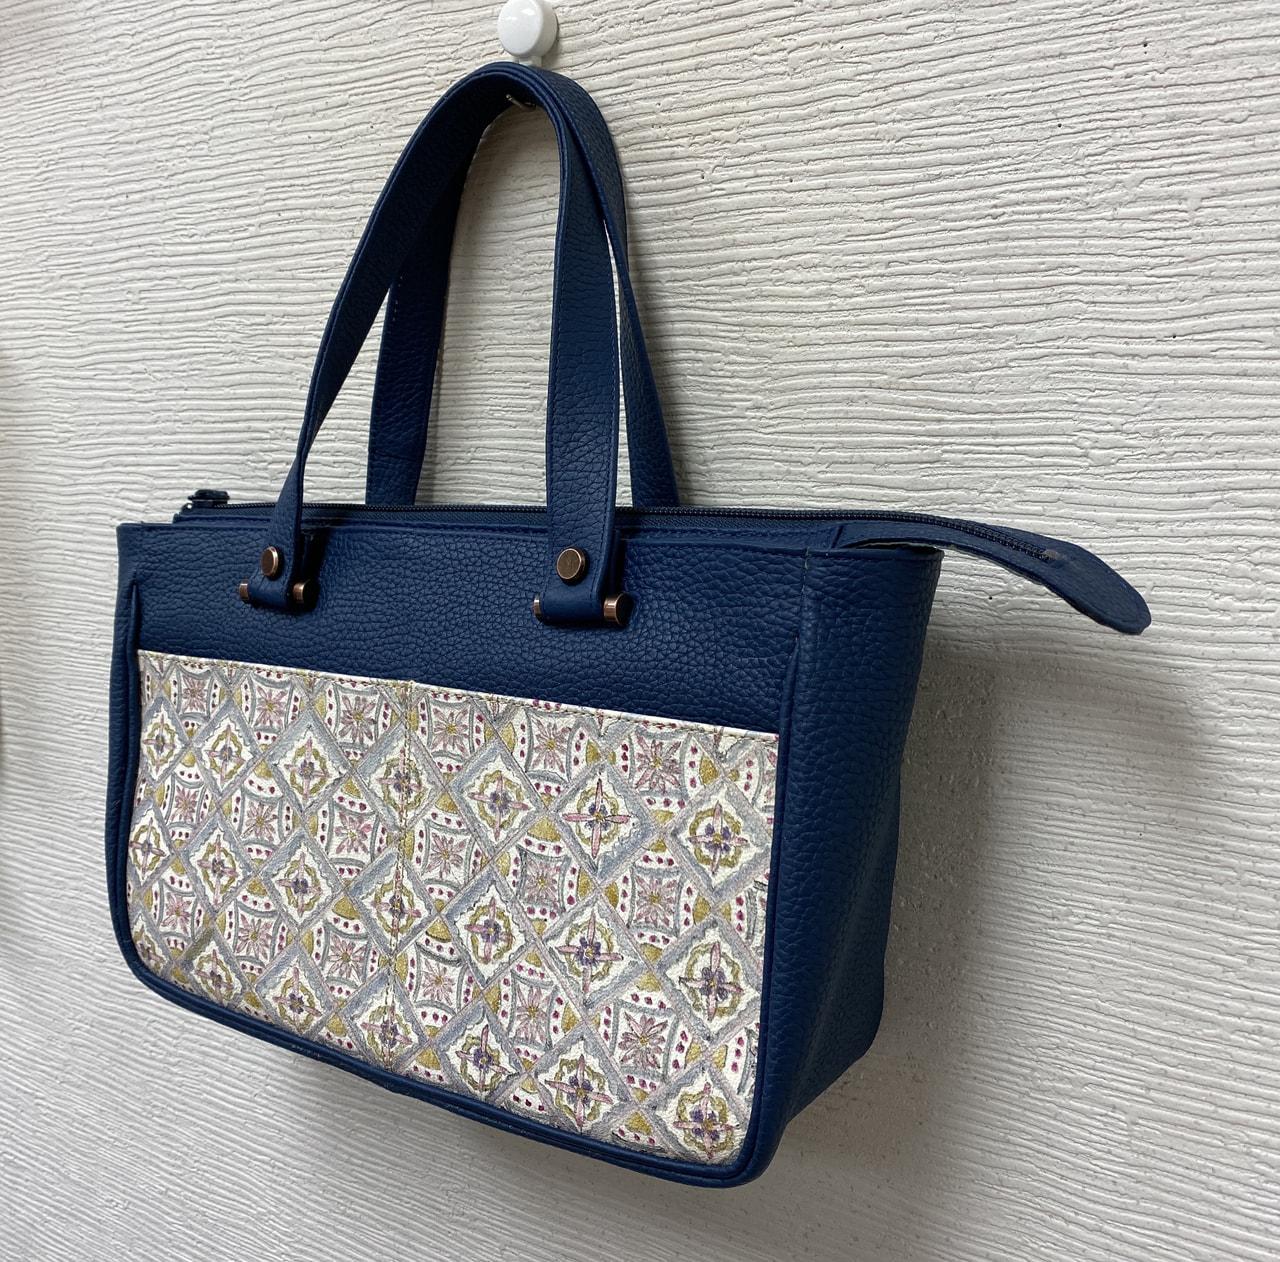 TNさんのバッグ